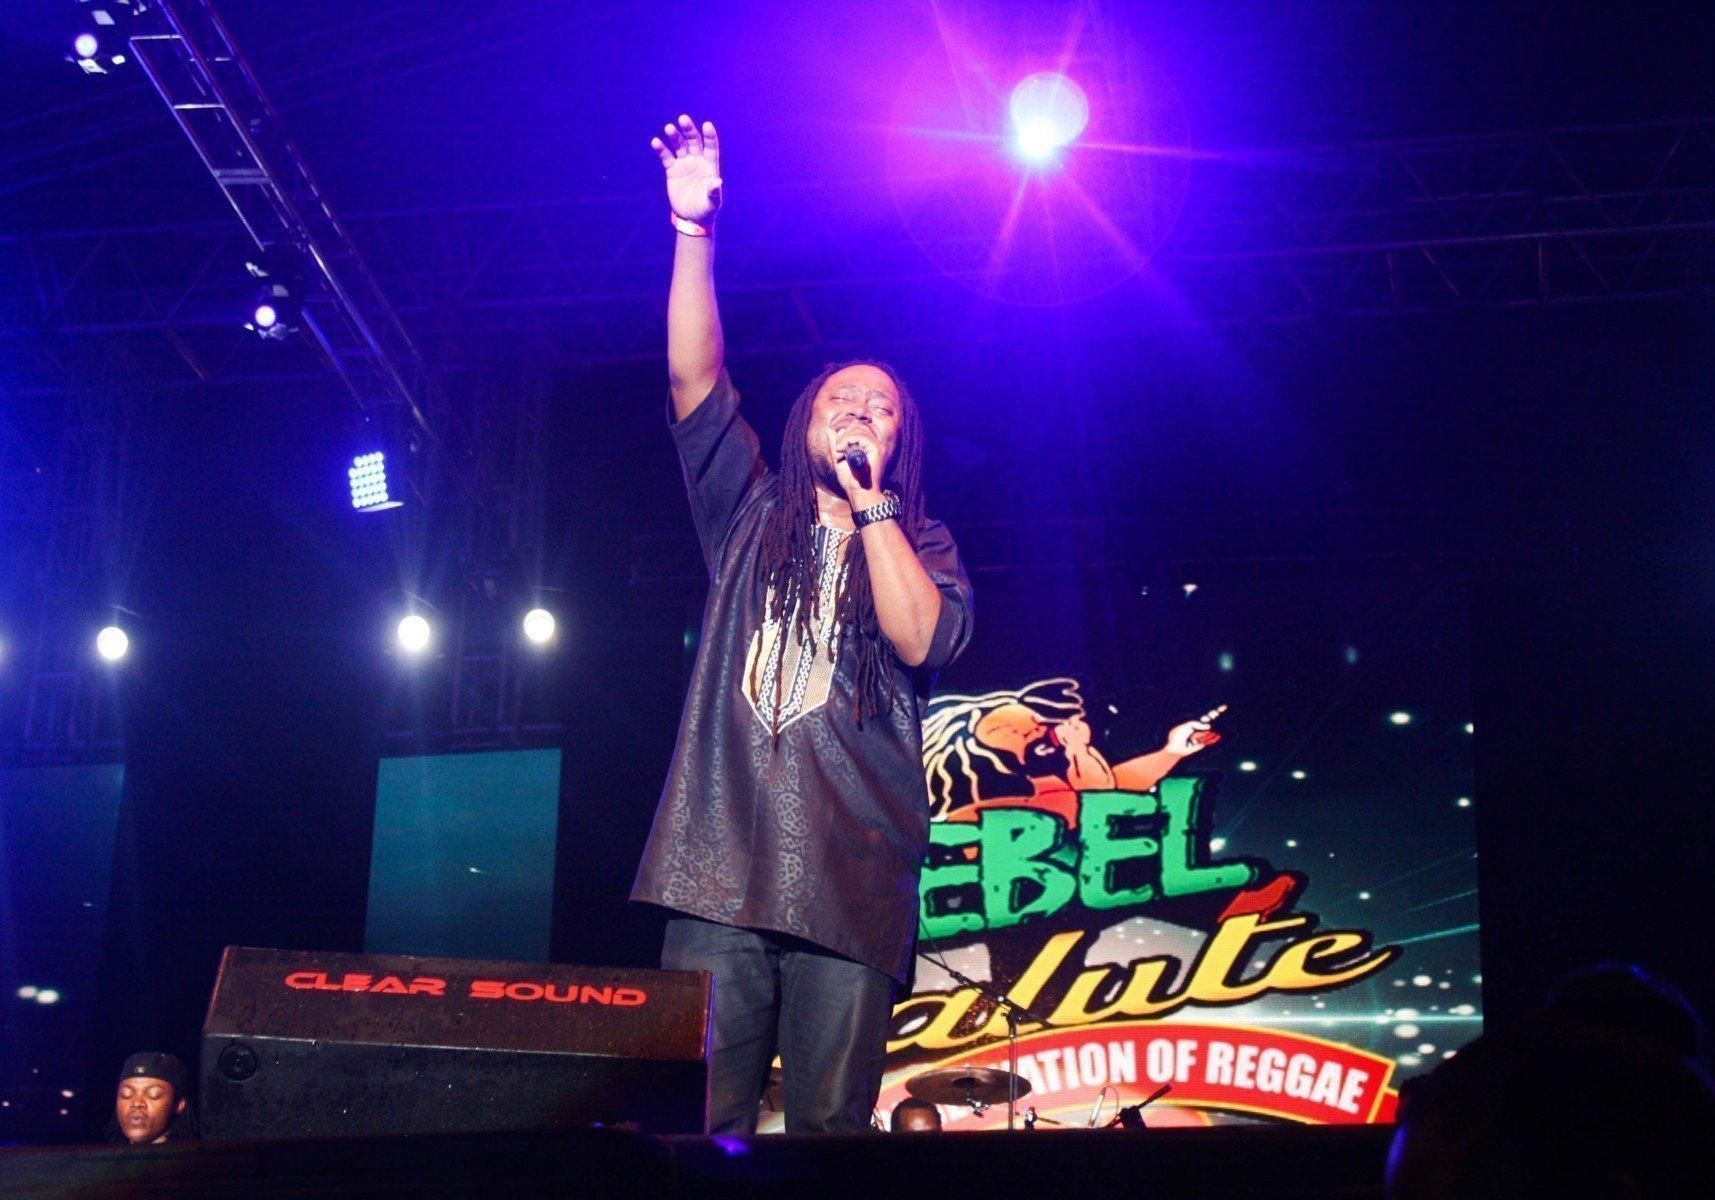 Salute 25 Years – Rebel Salute Music Festival Bringing